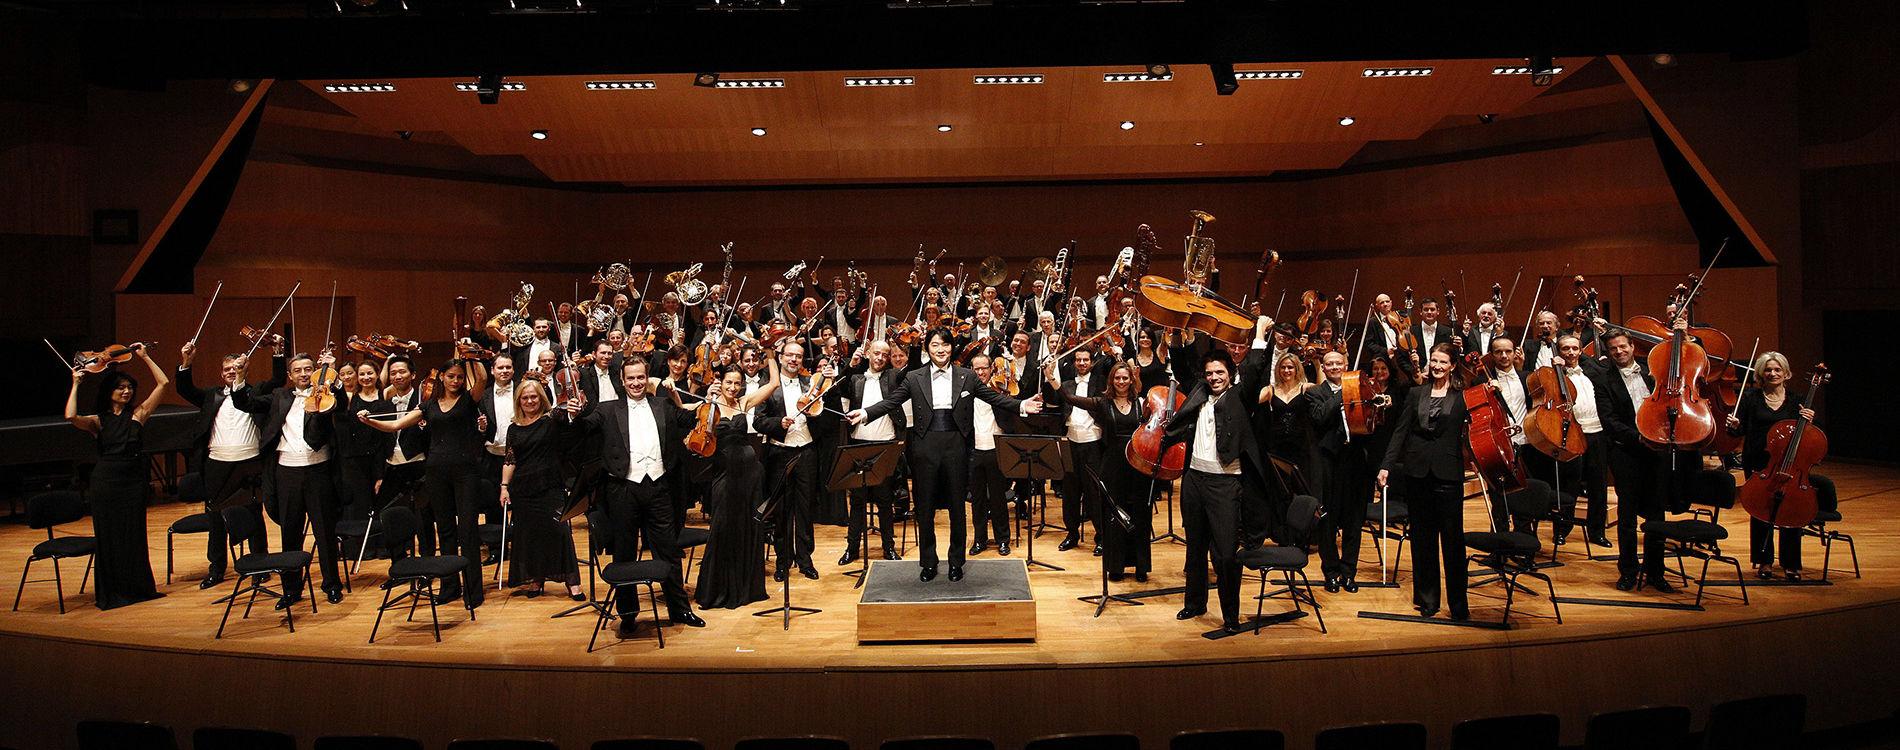 Monaco - Orchestre Philharmonique Monte-Carlo - Auditorium Rainier III